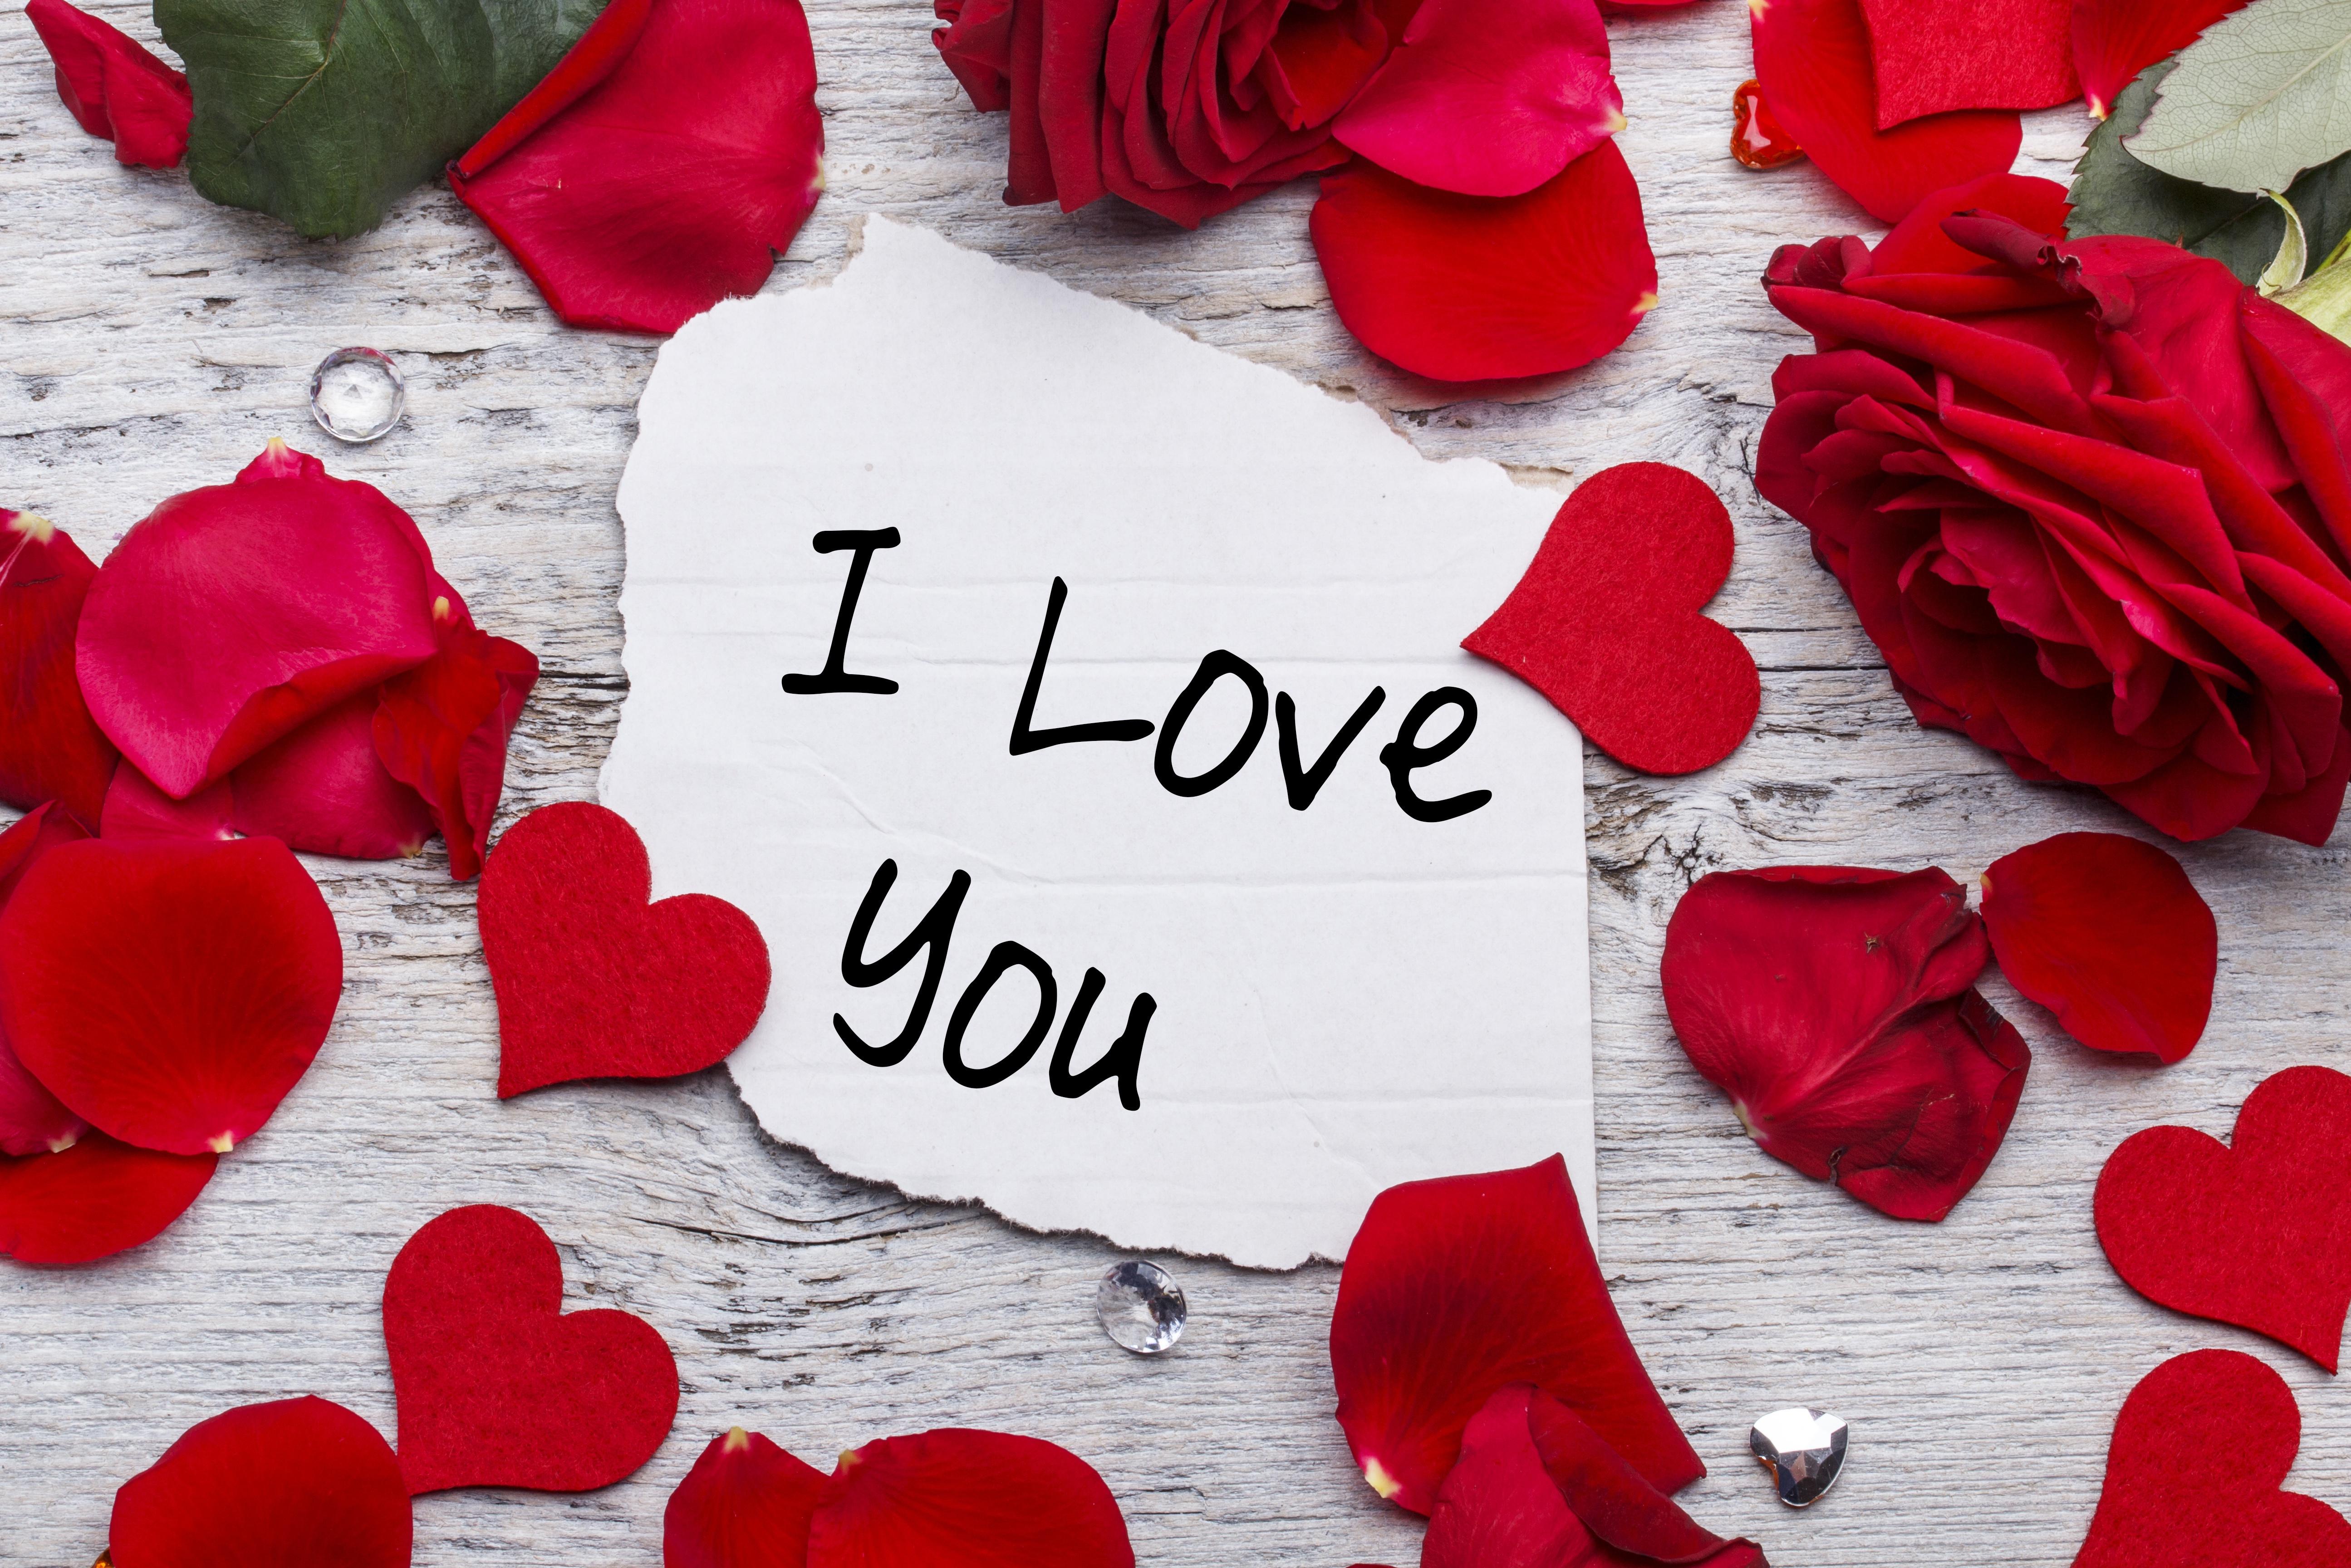 72+ L Love You Wallpaper on WallpaperSafari